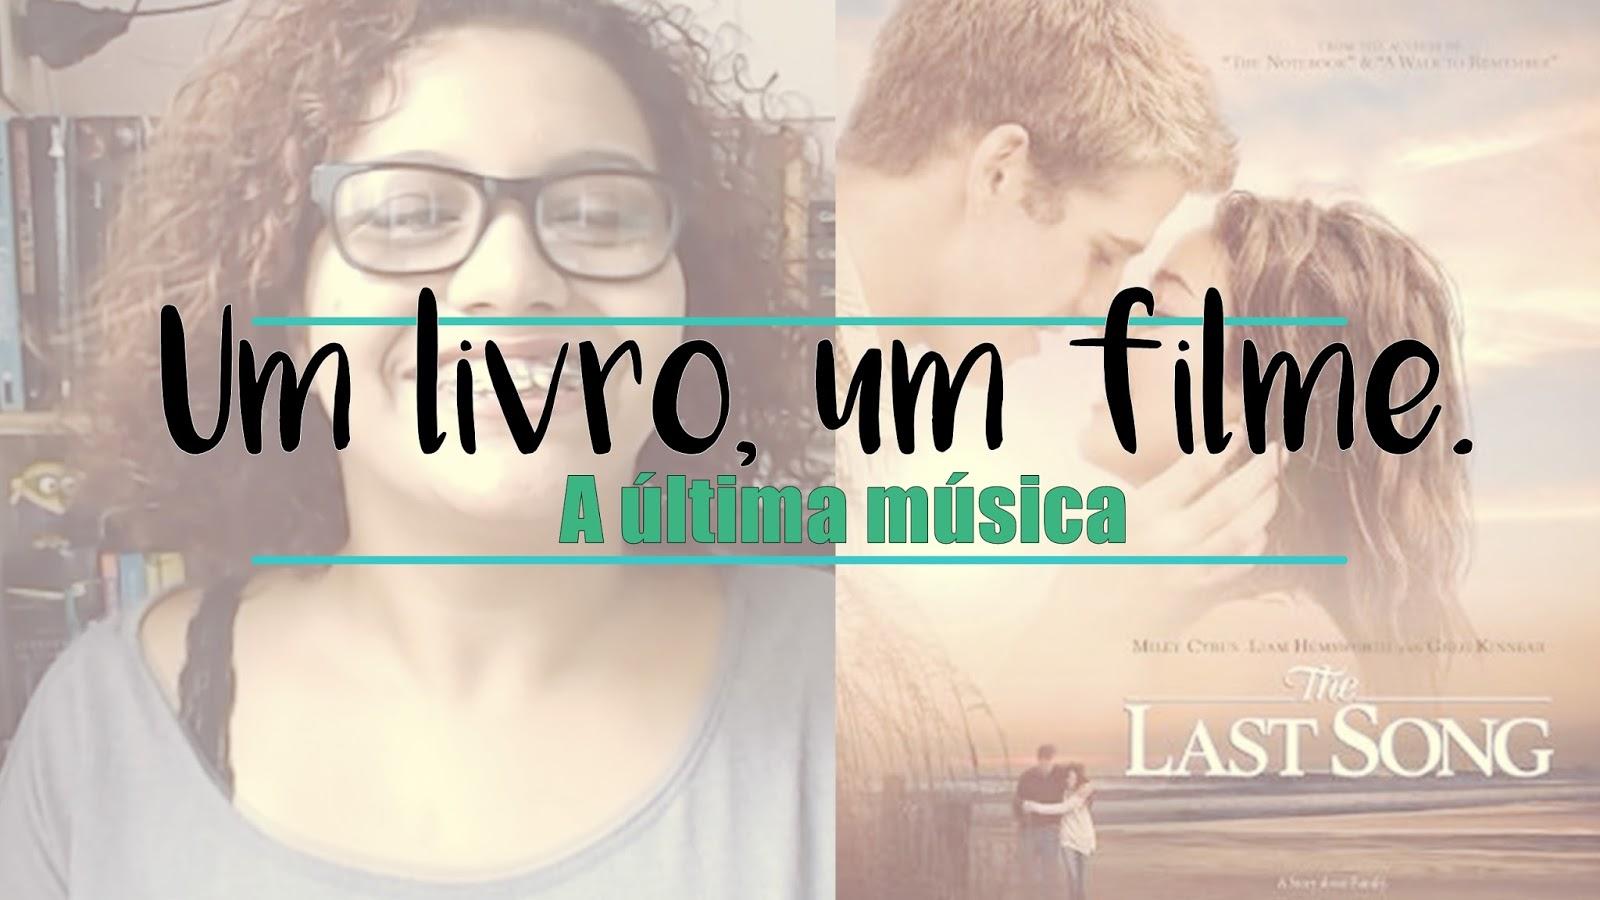 Um livro, um filme - A última música + Layout novo! | BLOG CONFIDENT